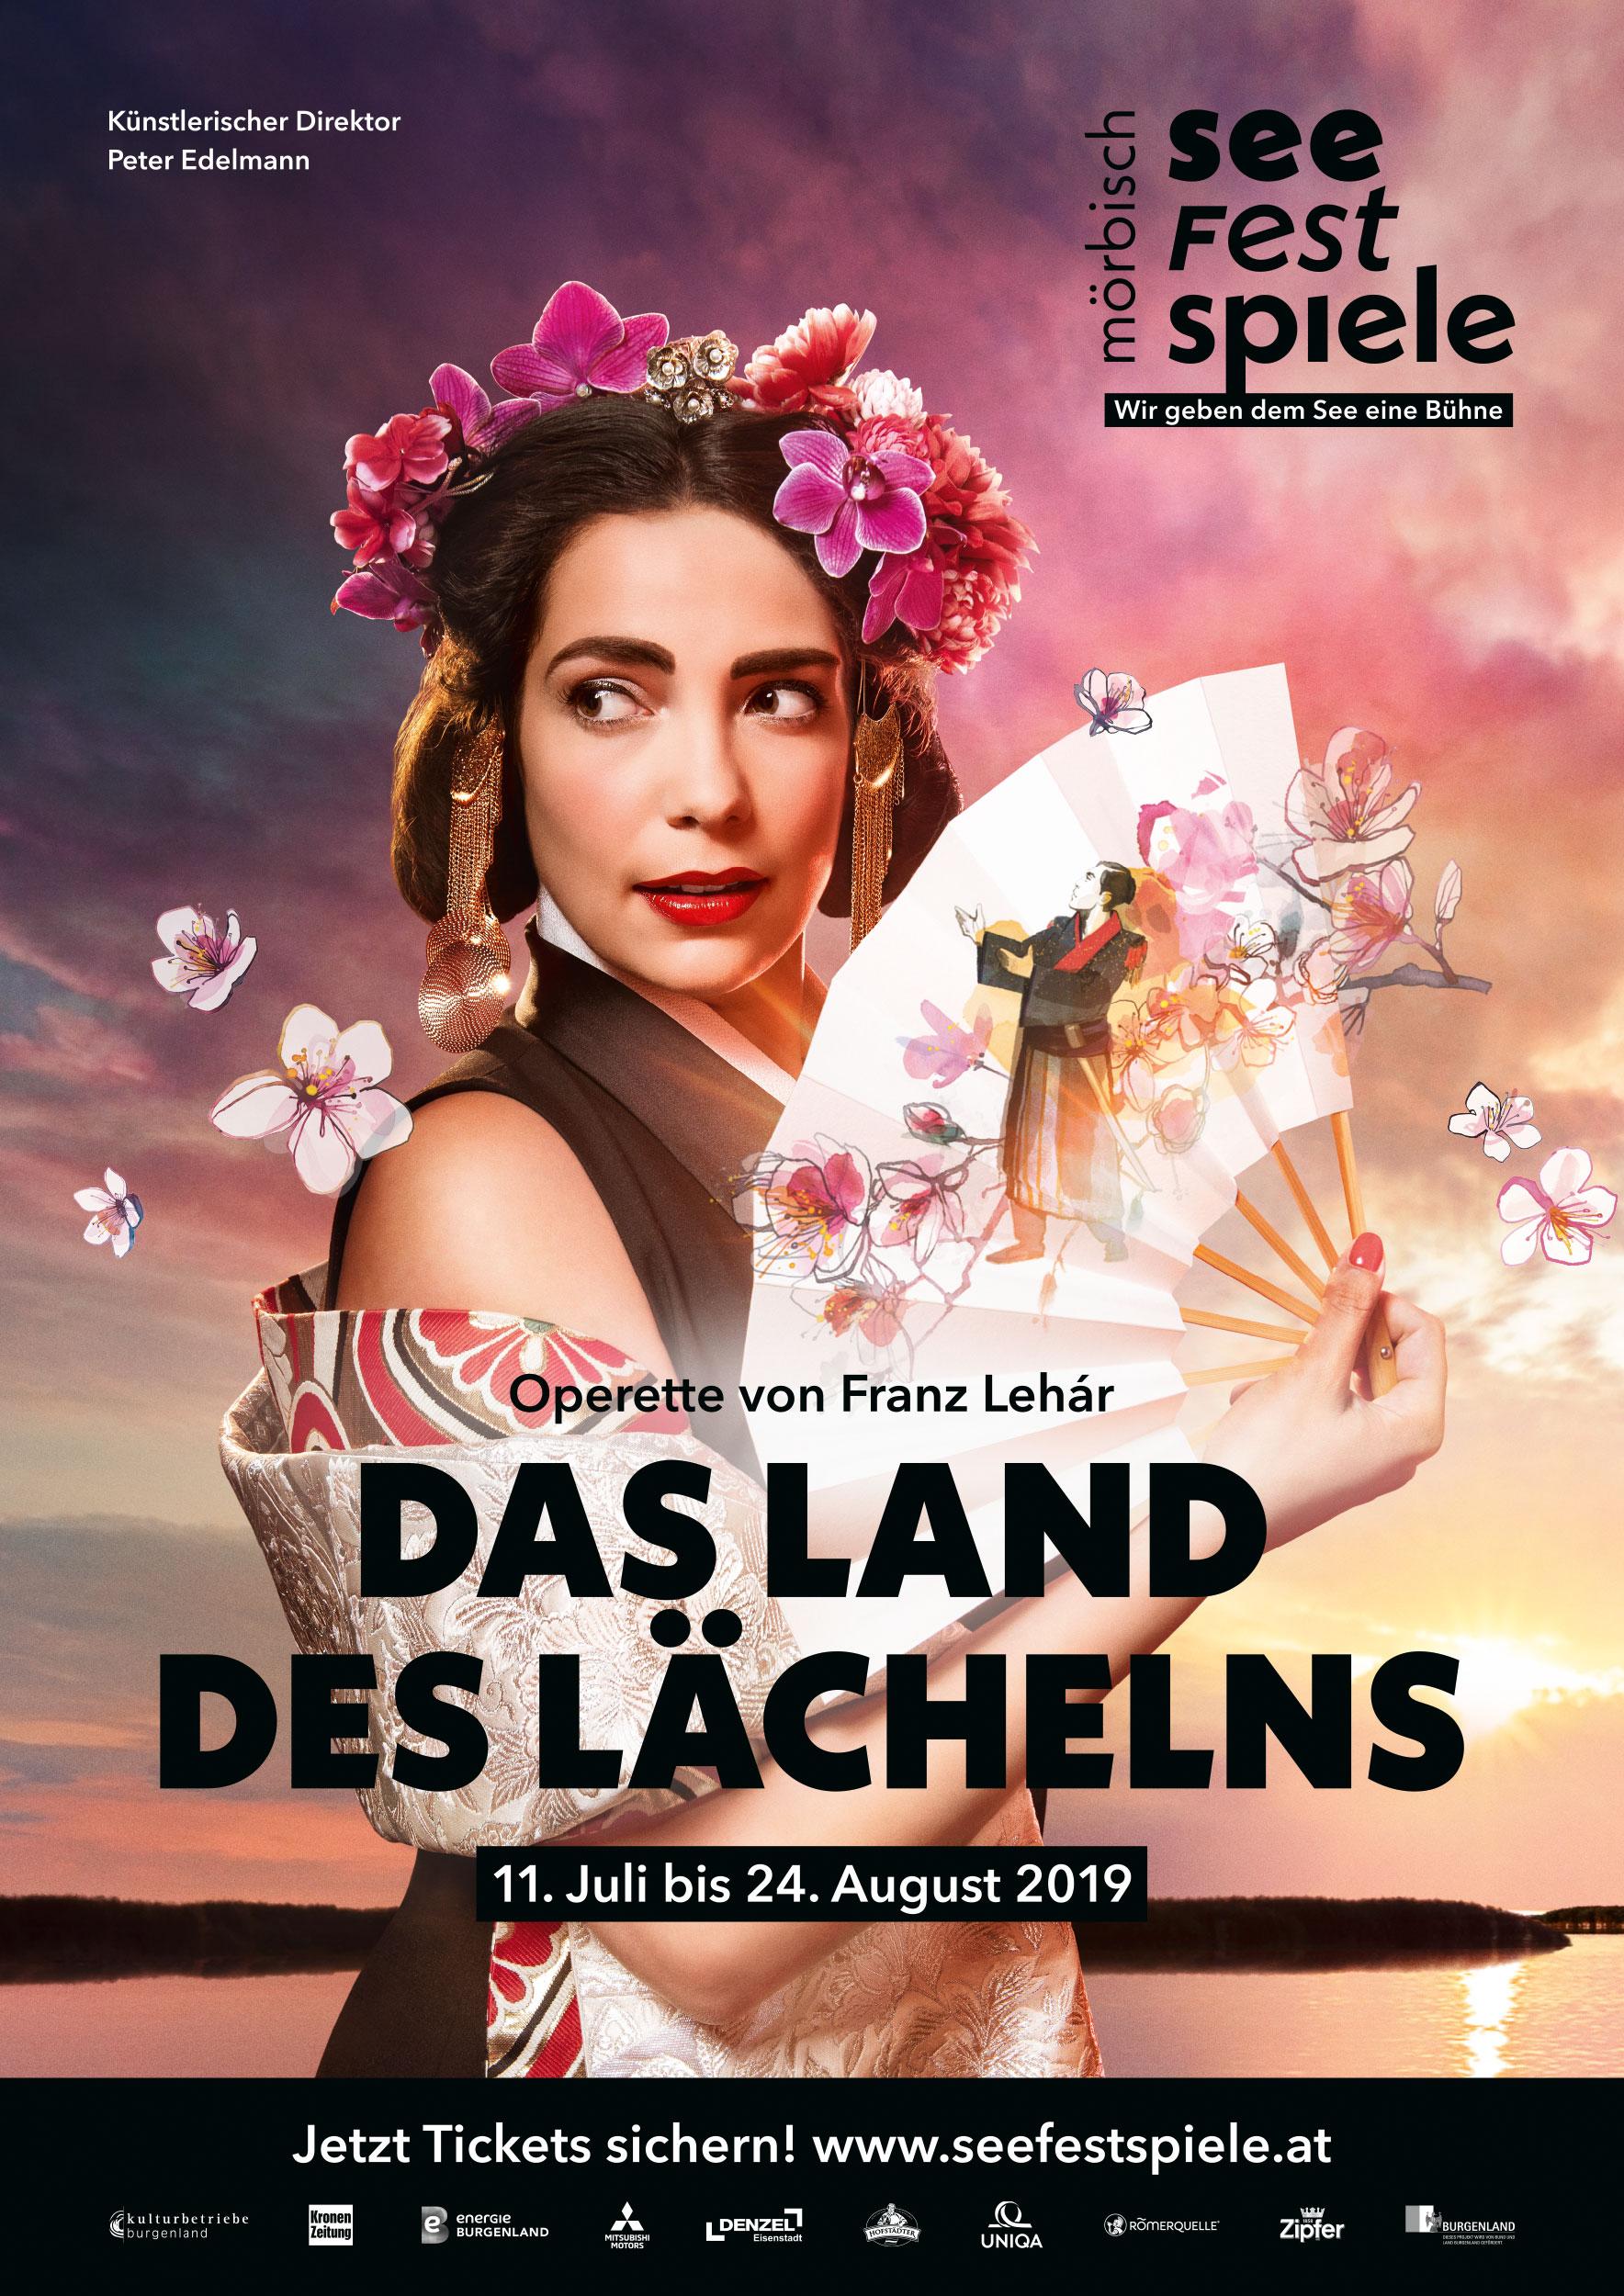 Blaupapier Bildretusche Litho Moerbisch Land D Laechens Poster